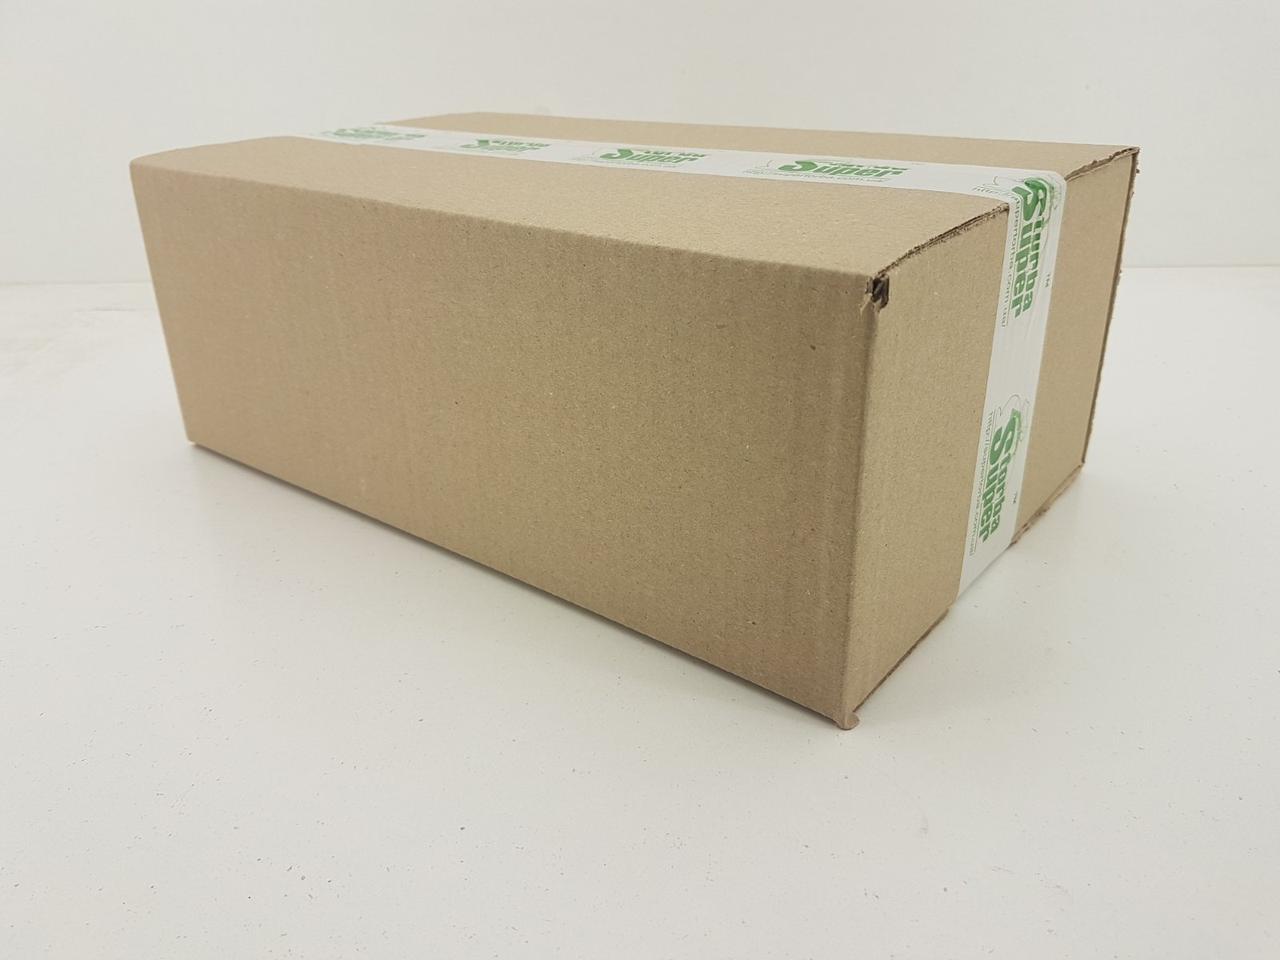 Ящик з гофракартона (34.5*20*12) (100 шт)